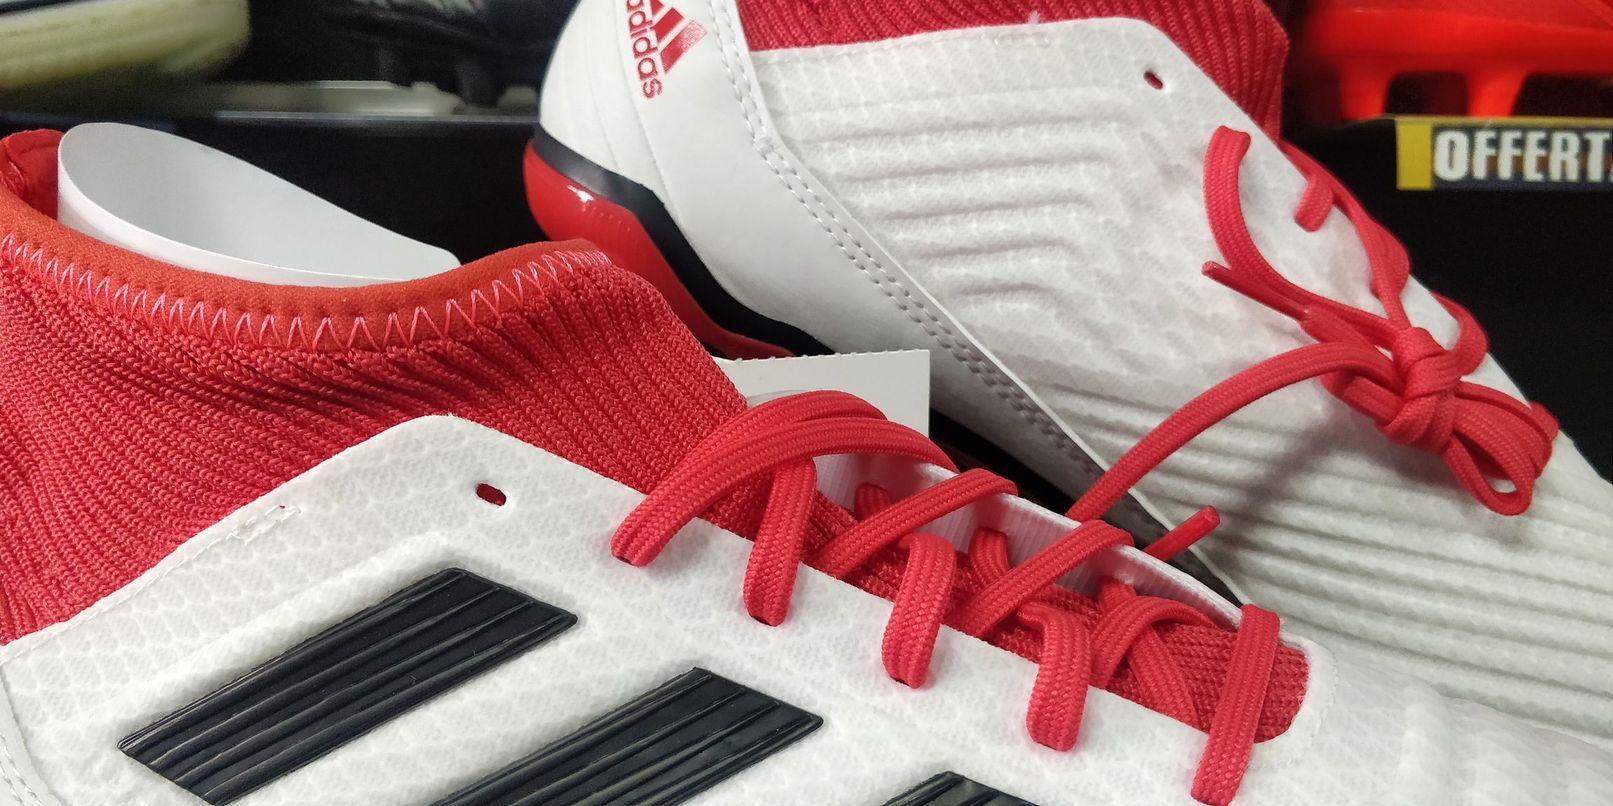 Alte Scarpe In Offerta Scarpe Alte Adidas 3R54AjL